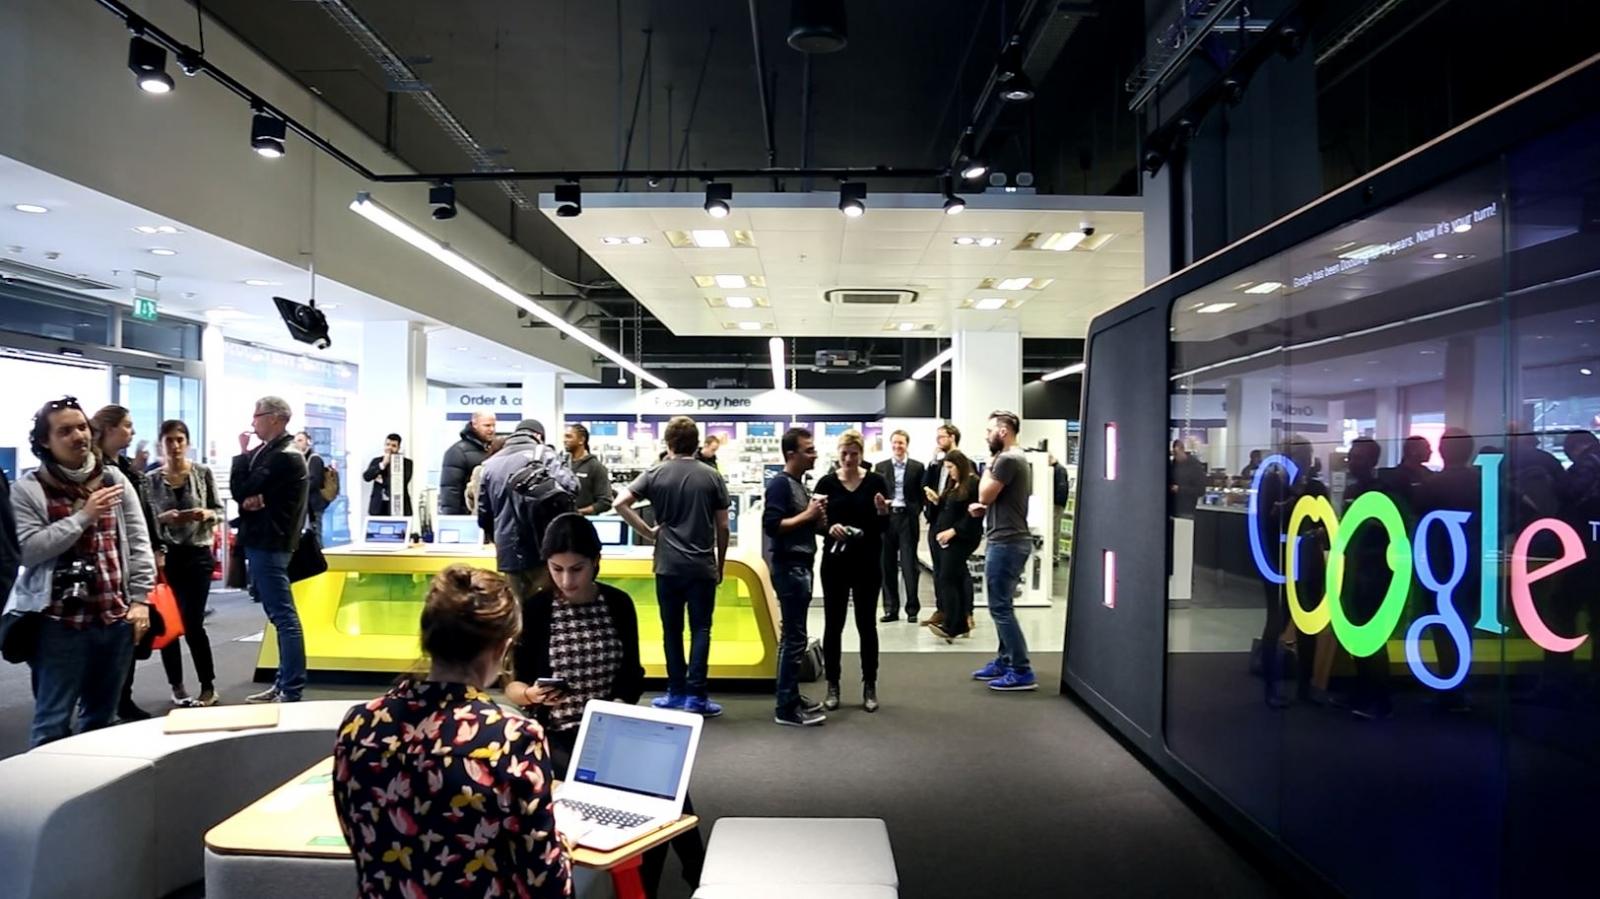 Google Shop opens in London